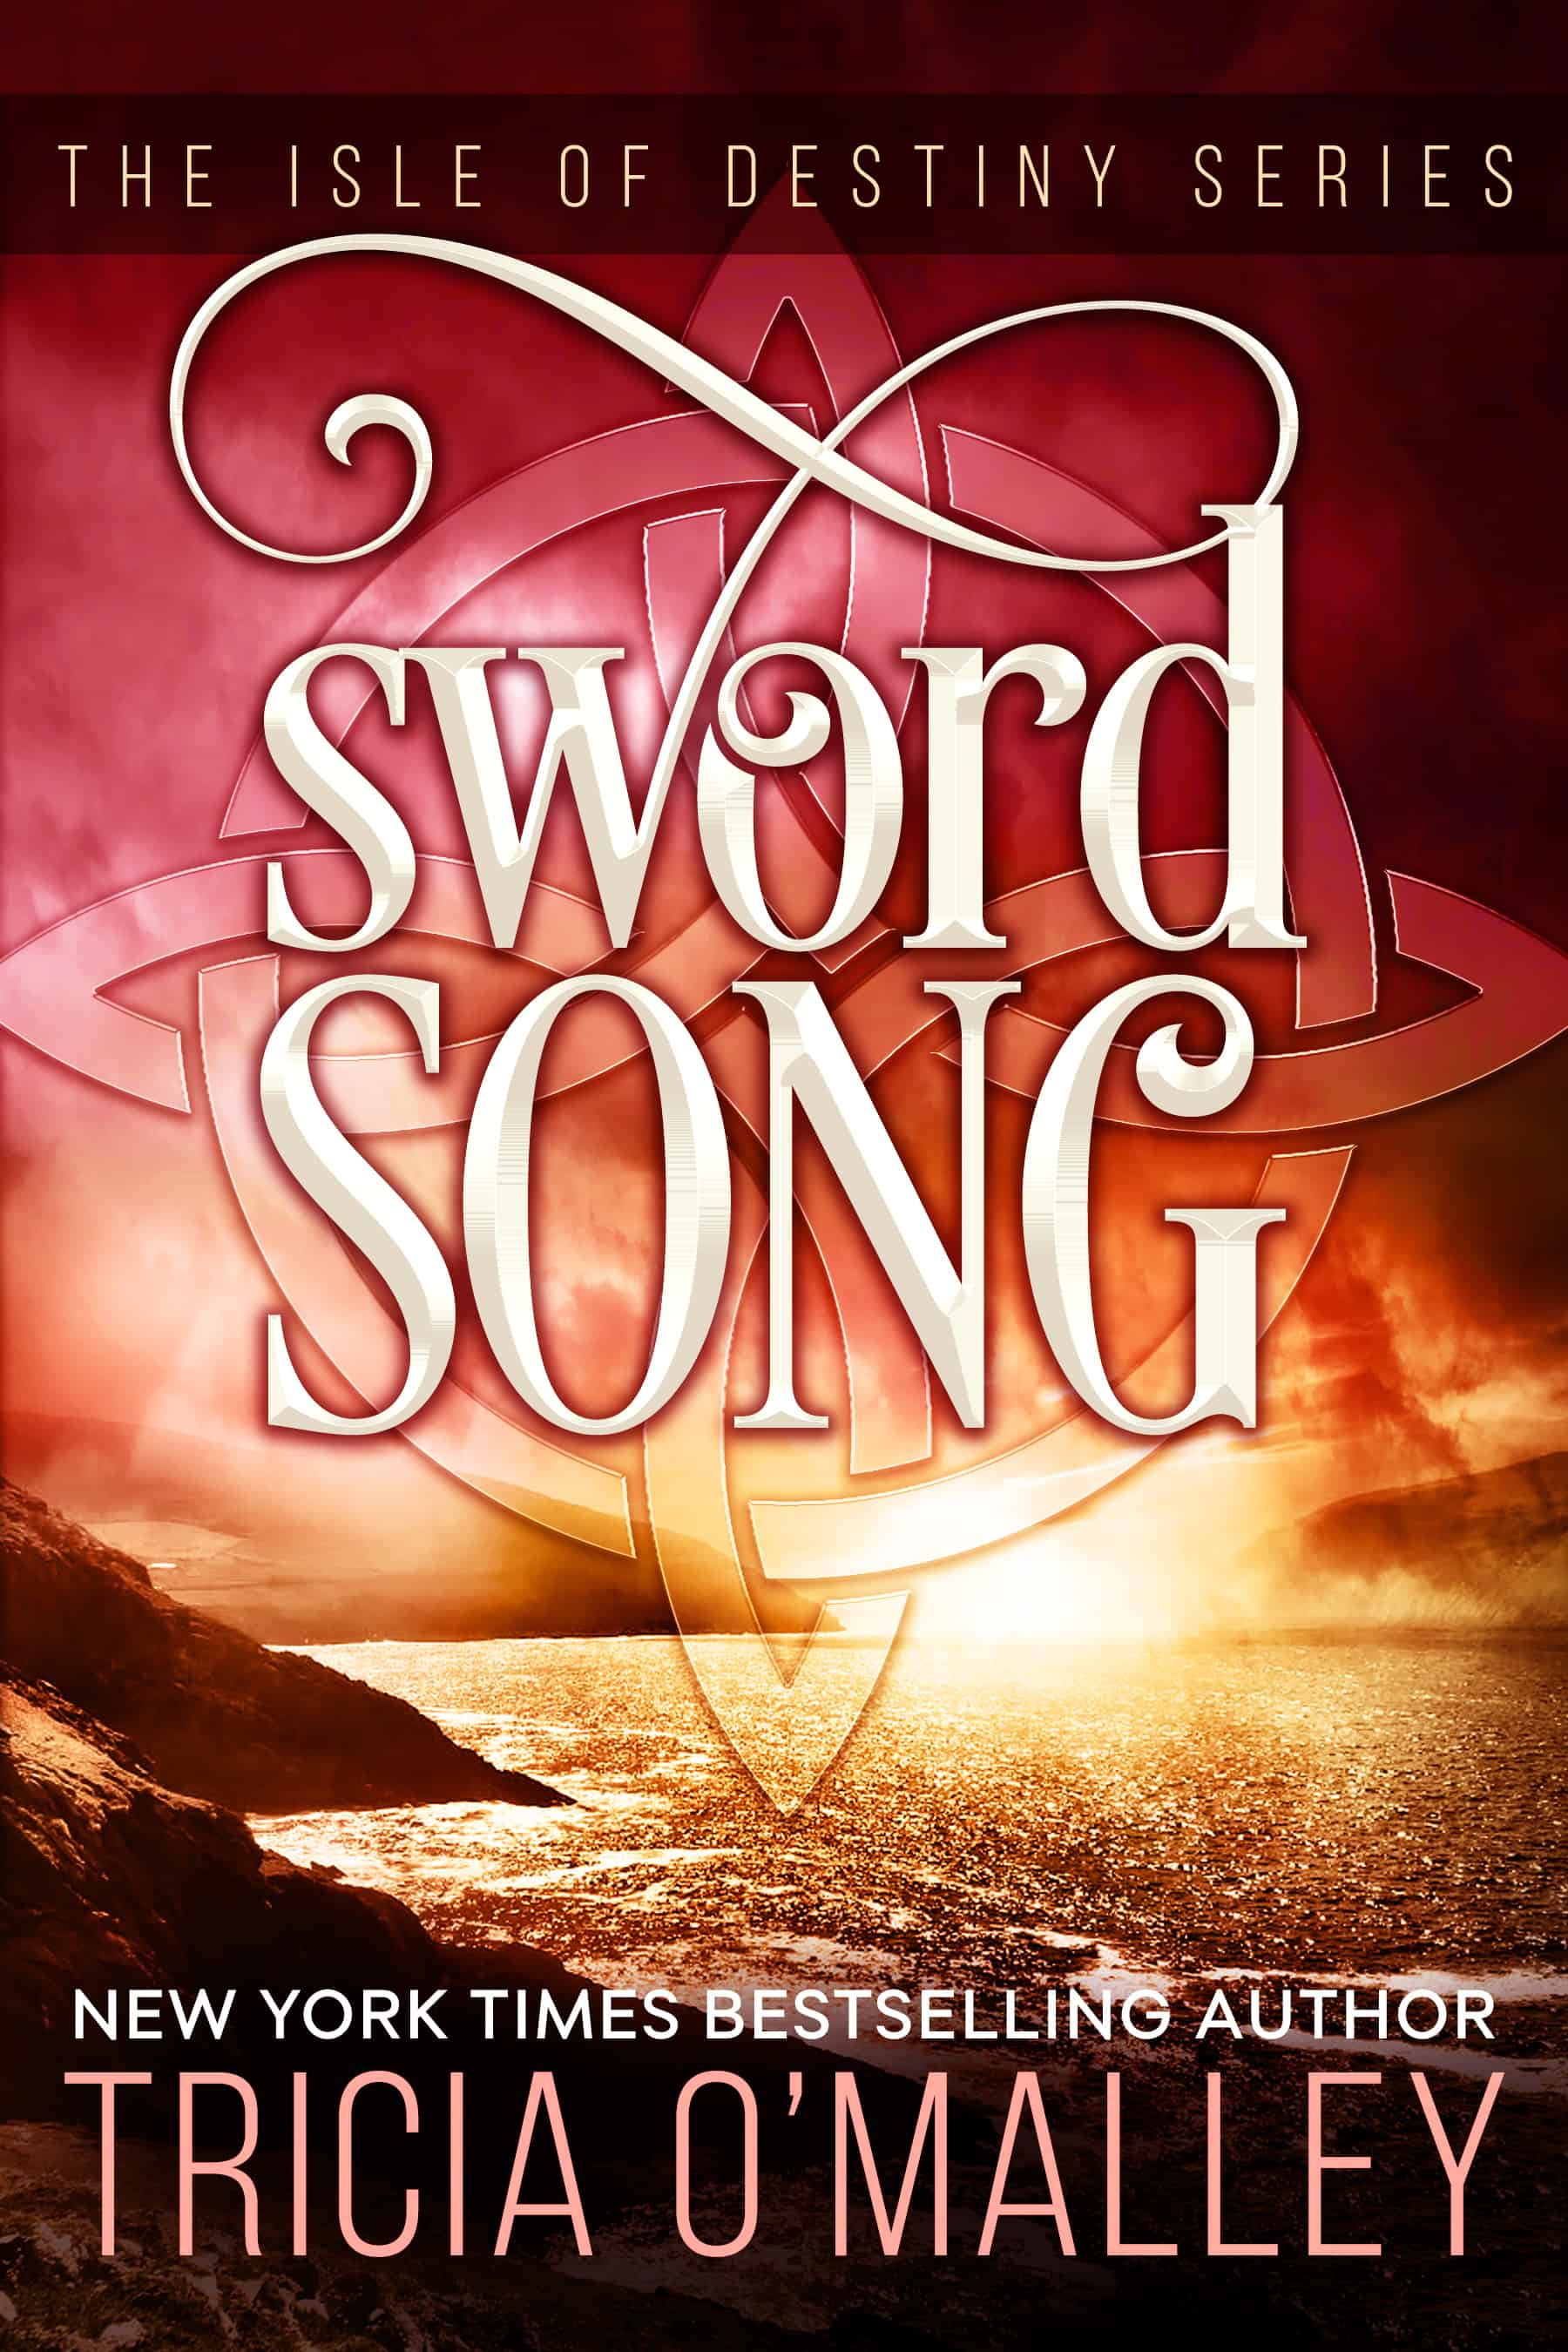 SwordSong-Final.jpg